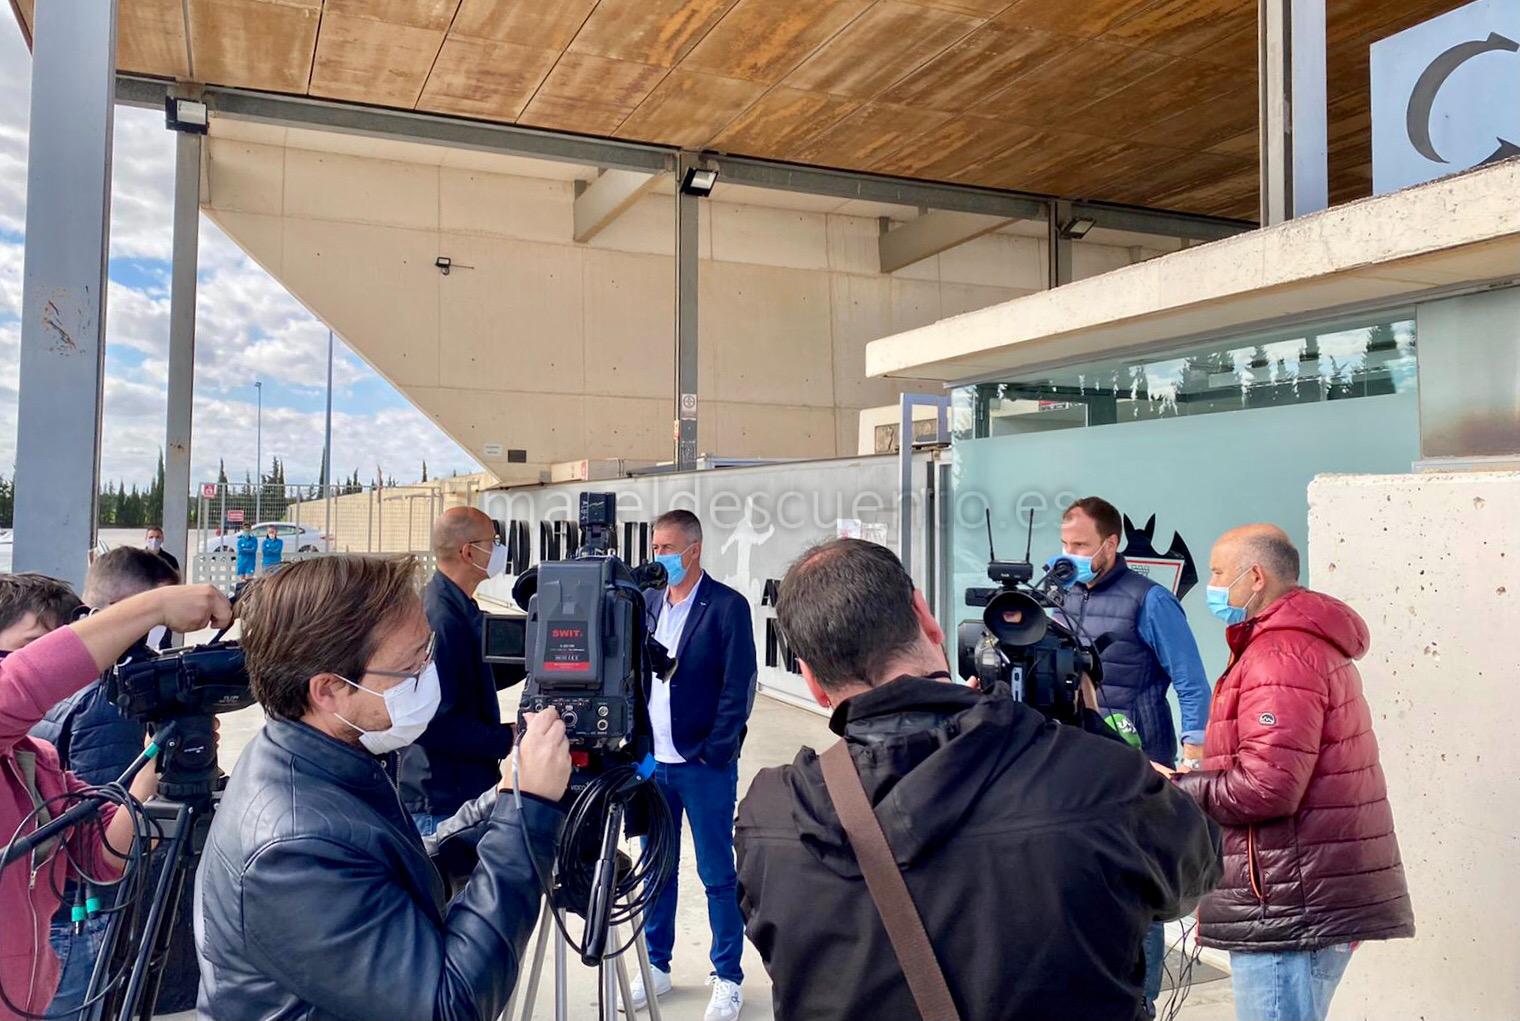 El adiós de Lucas ante los medios de comunicación. Luis Martinez | ESRadio Albacete